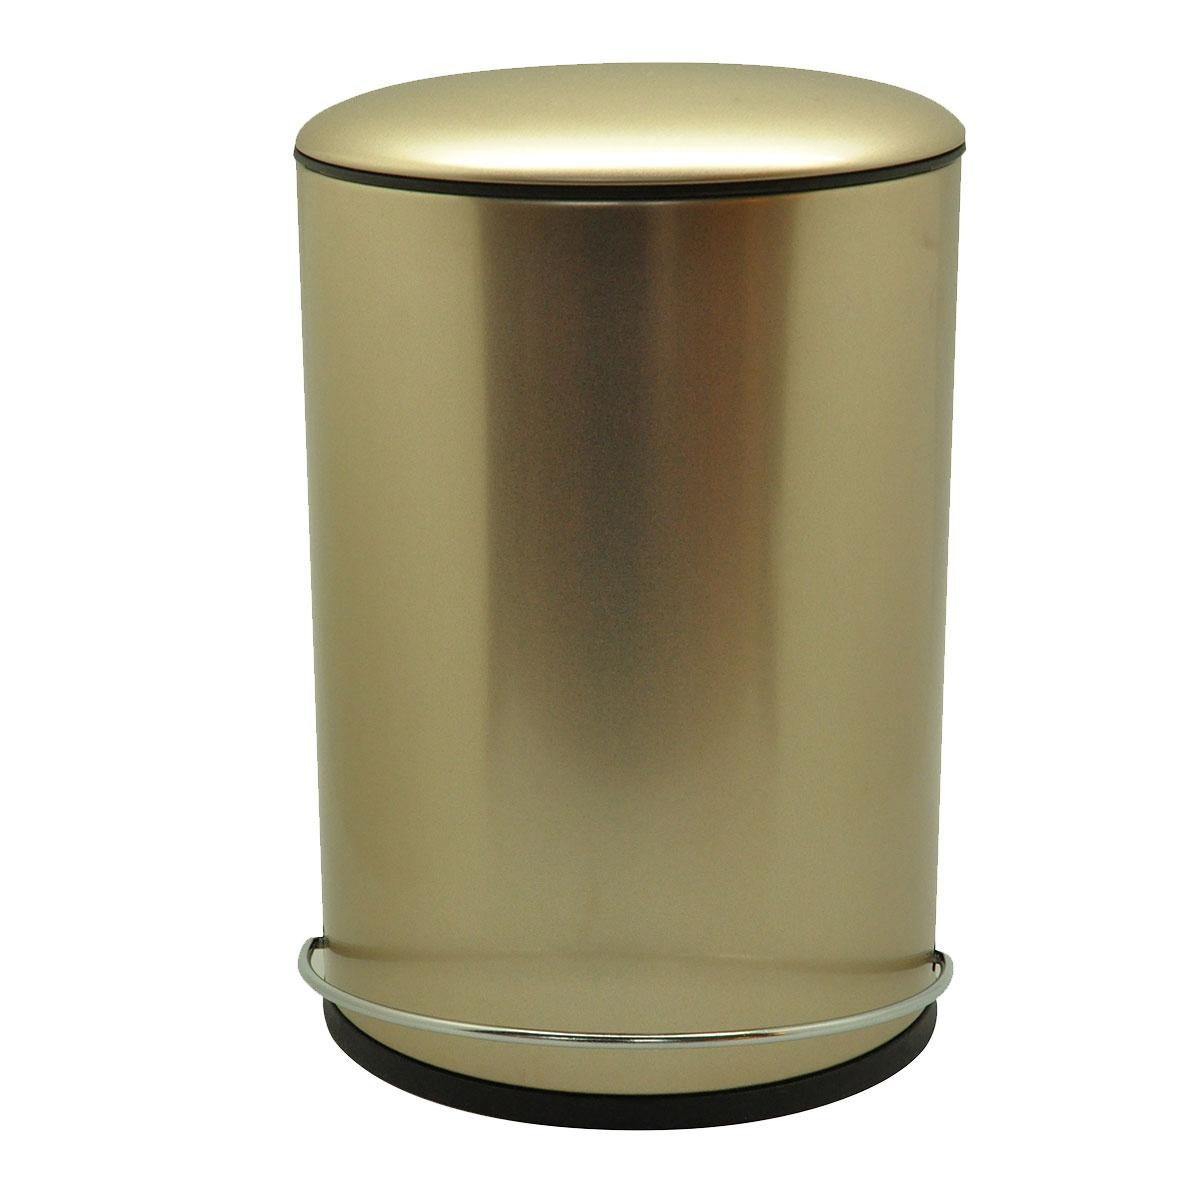 Poubelle ronde en métal à pédale (Champagne)